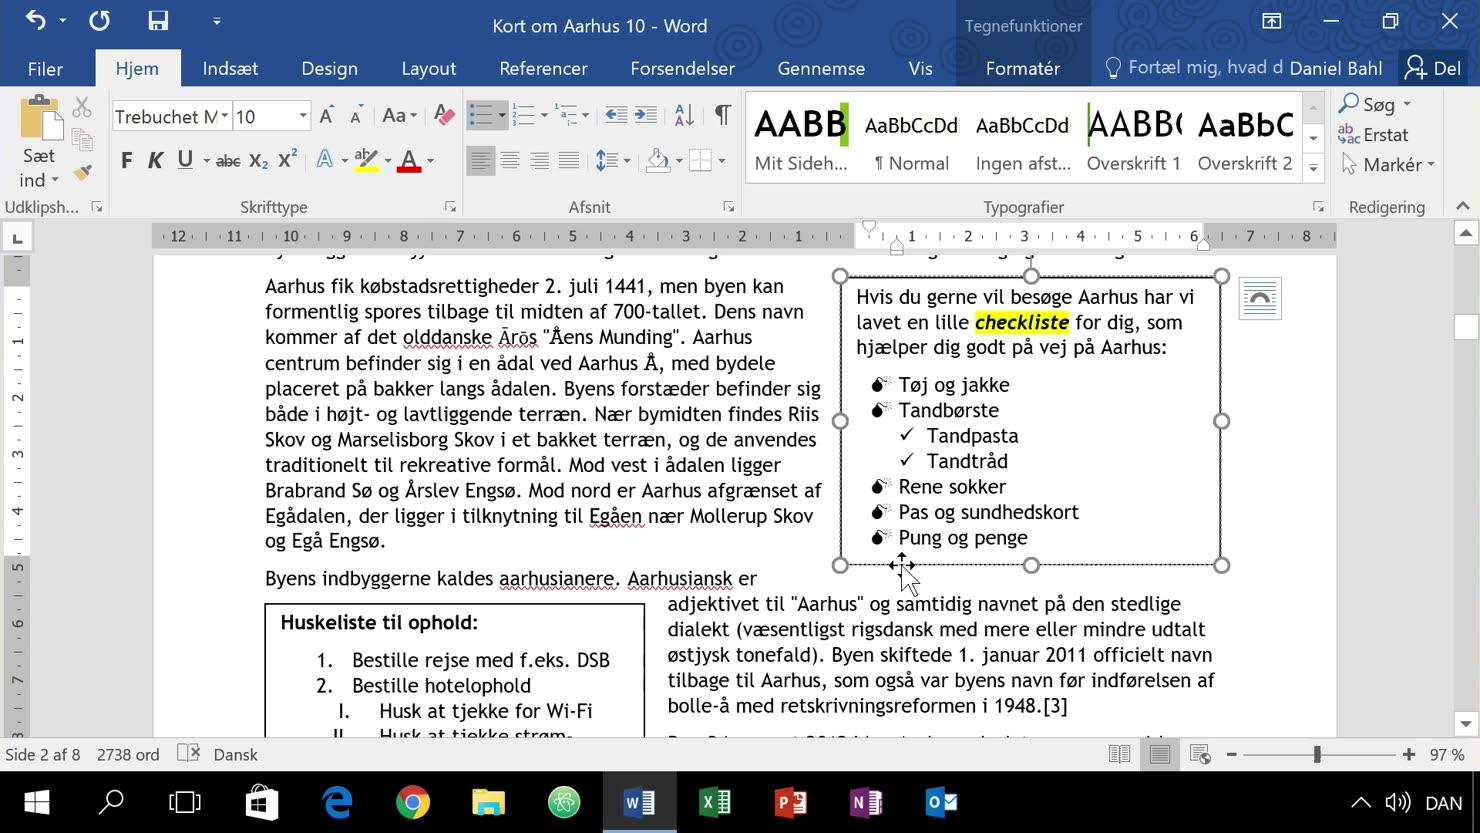 Punktopstillinger med symboler og billeder fra computer eller Internet